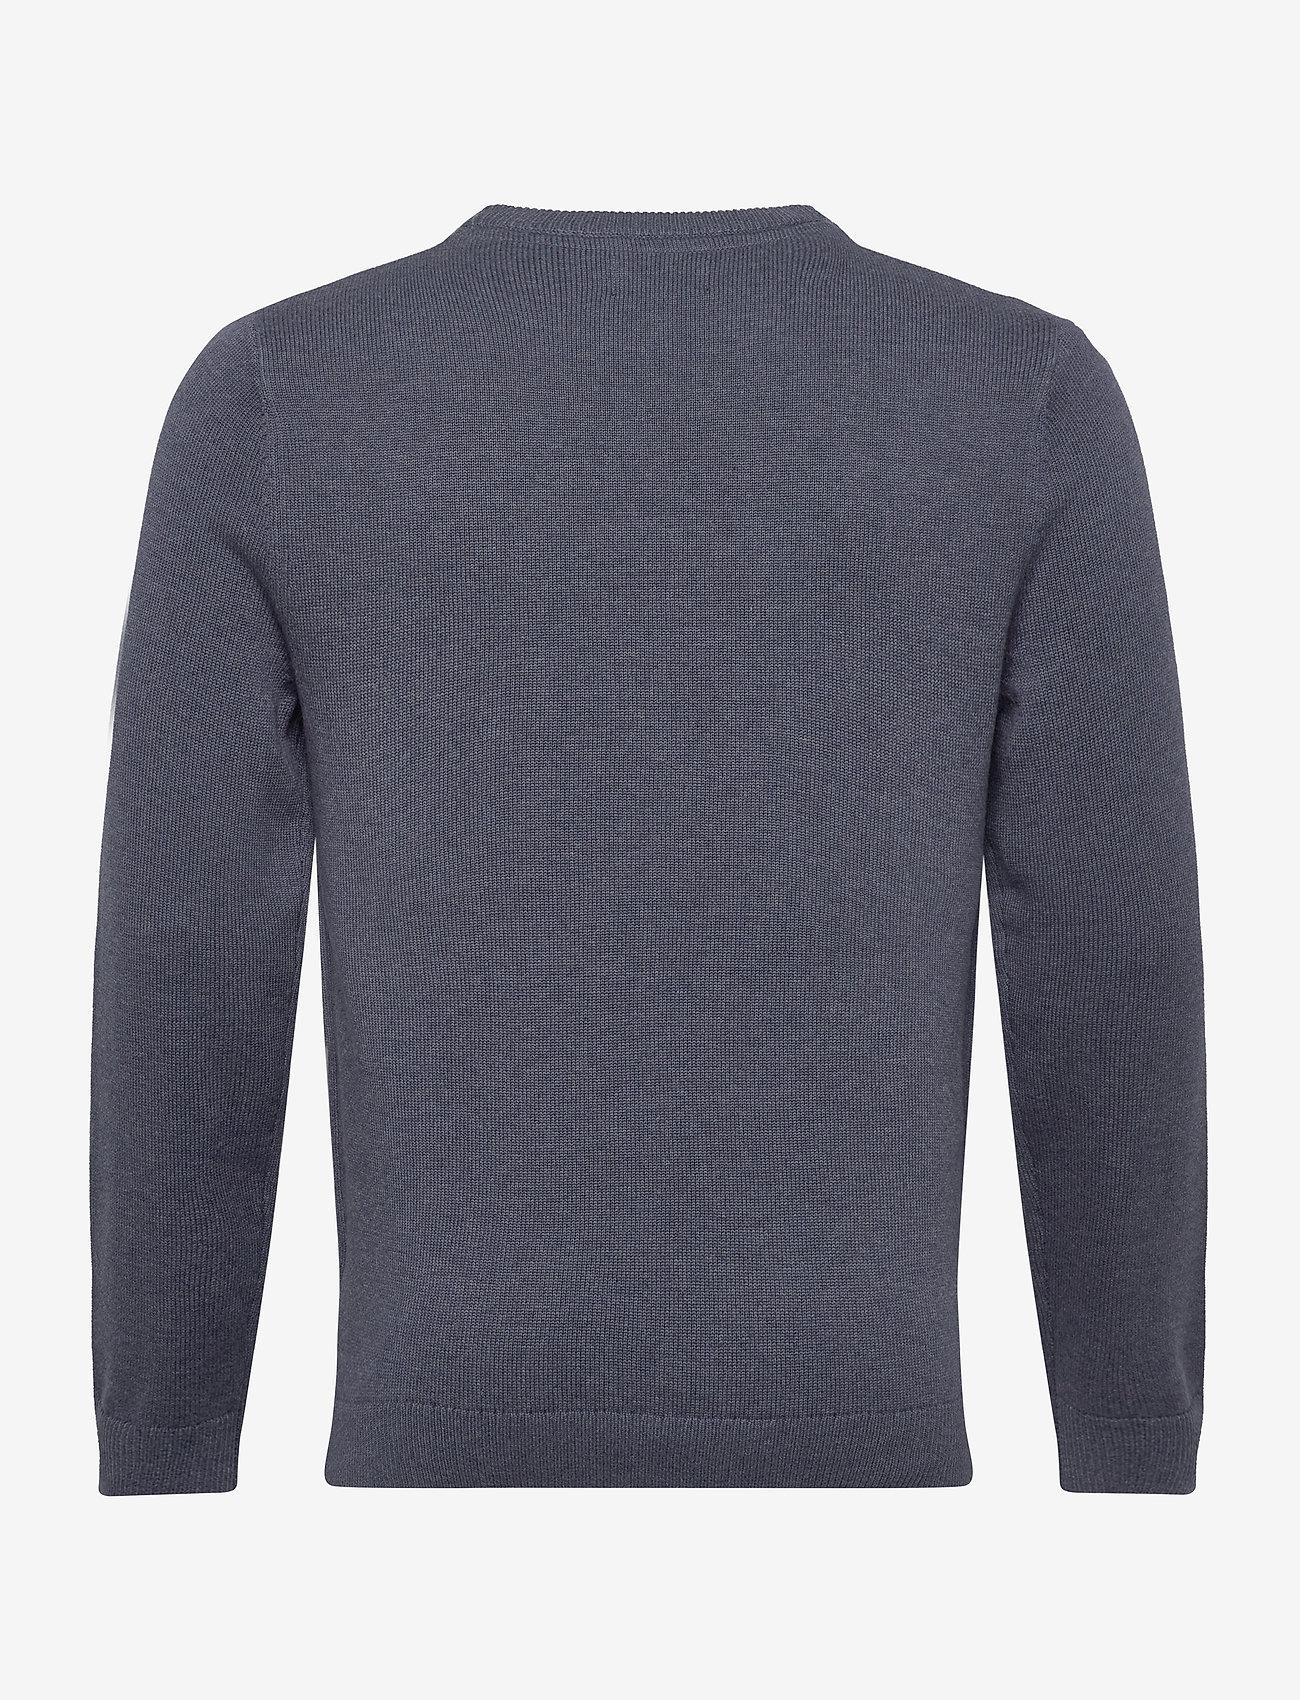 Lexington Clothing Luis Sweater - Strikkevarer BLUE MELANGE - Menn Klær